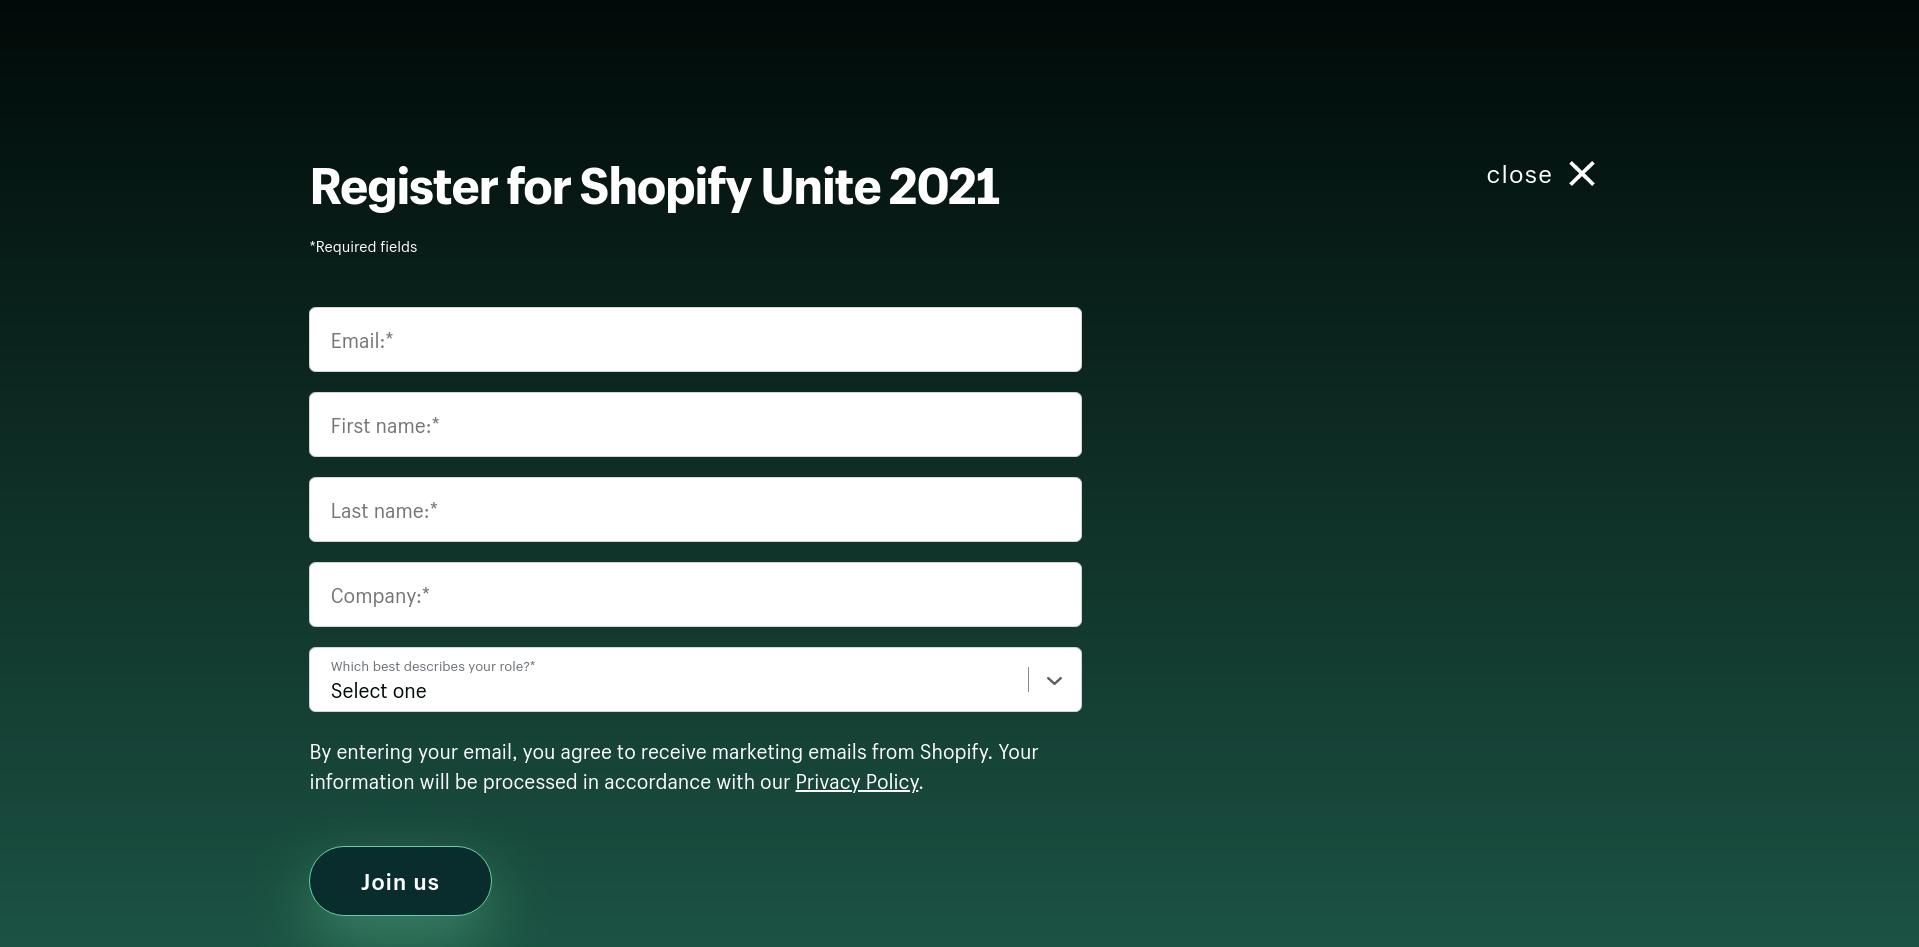 register-for-shopify-unite-2021